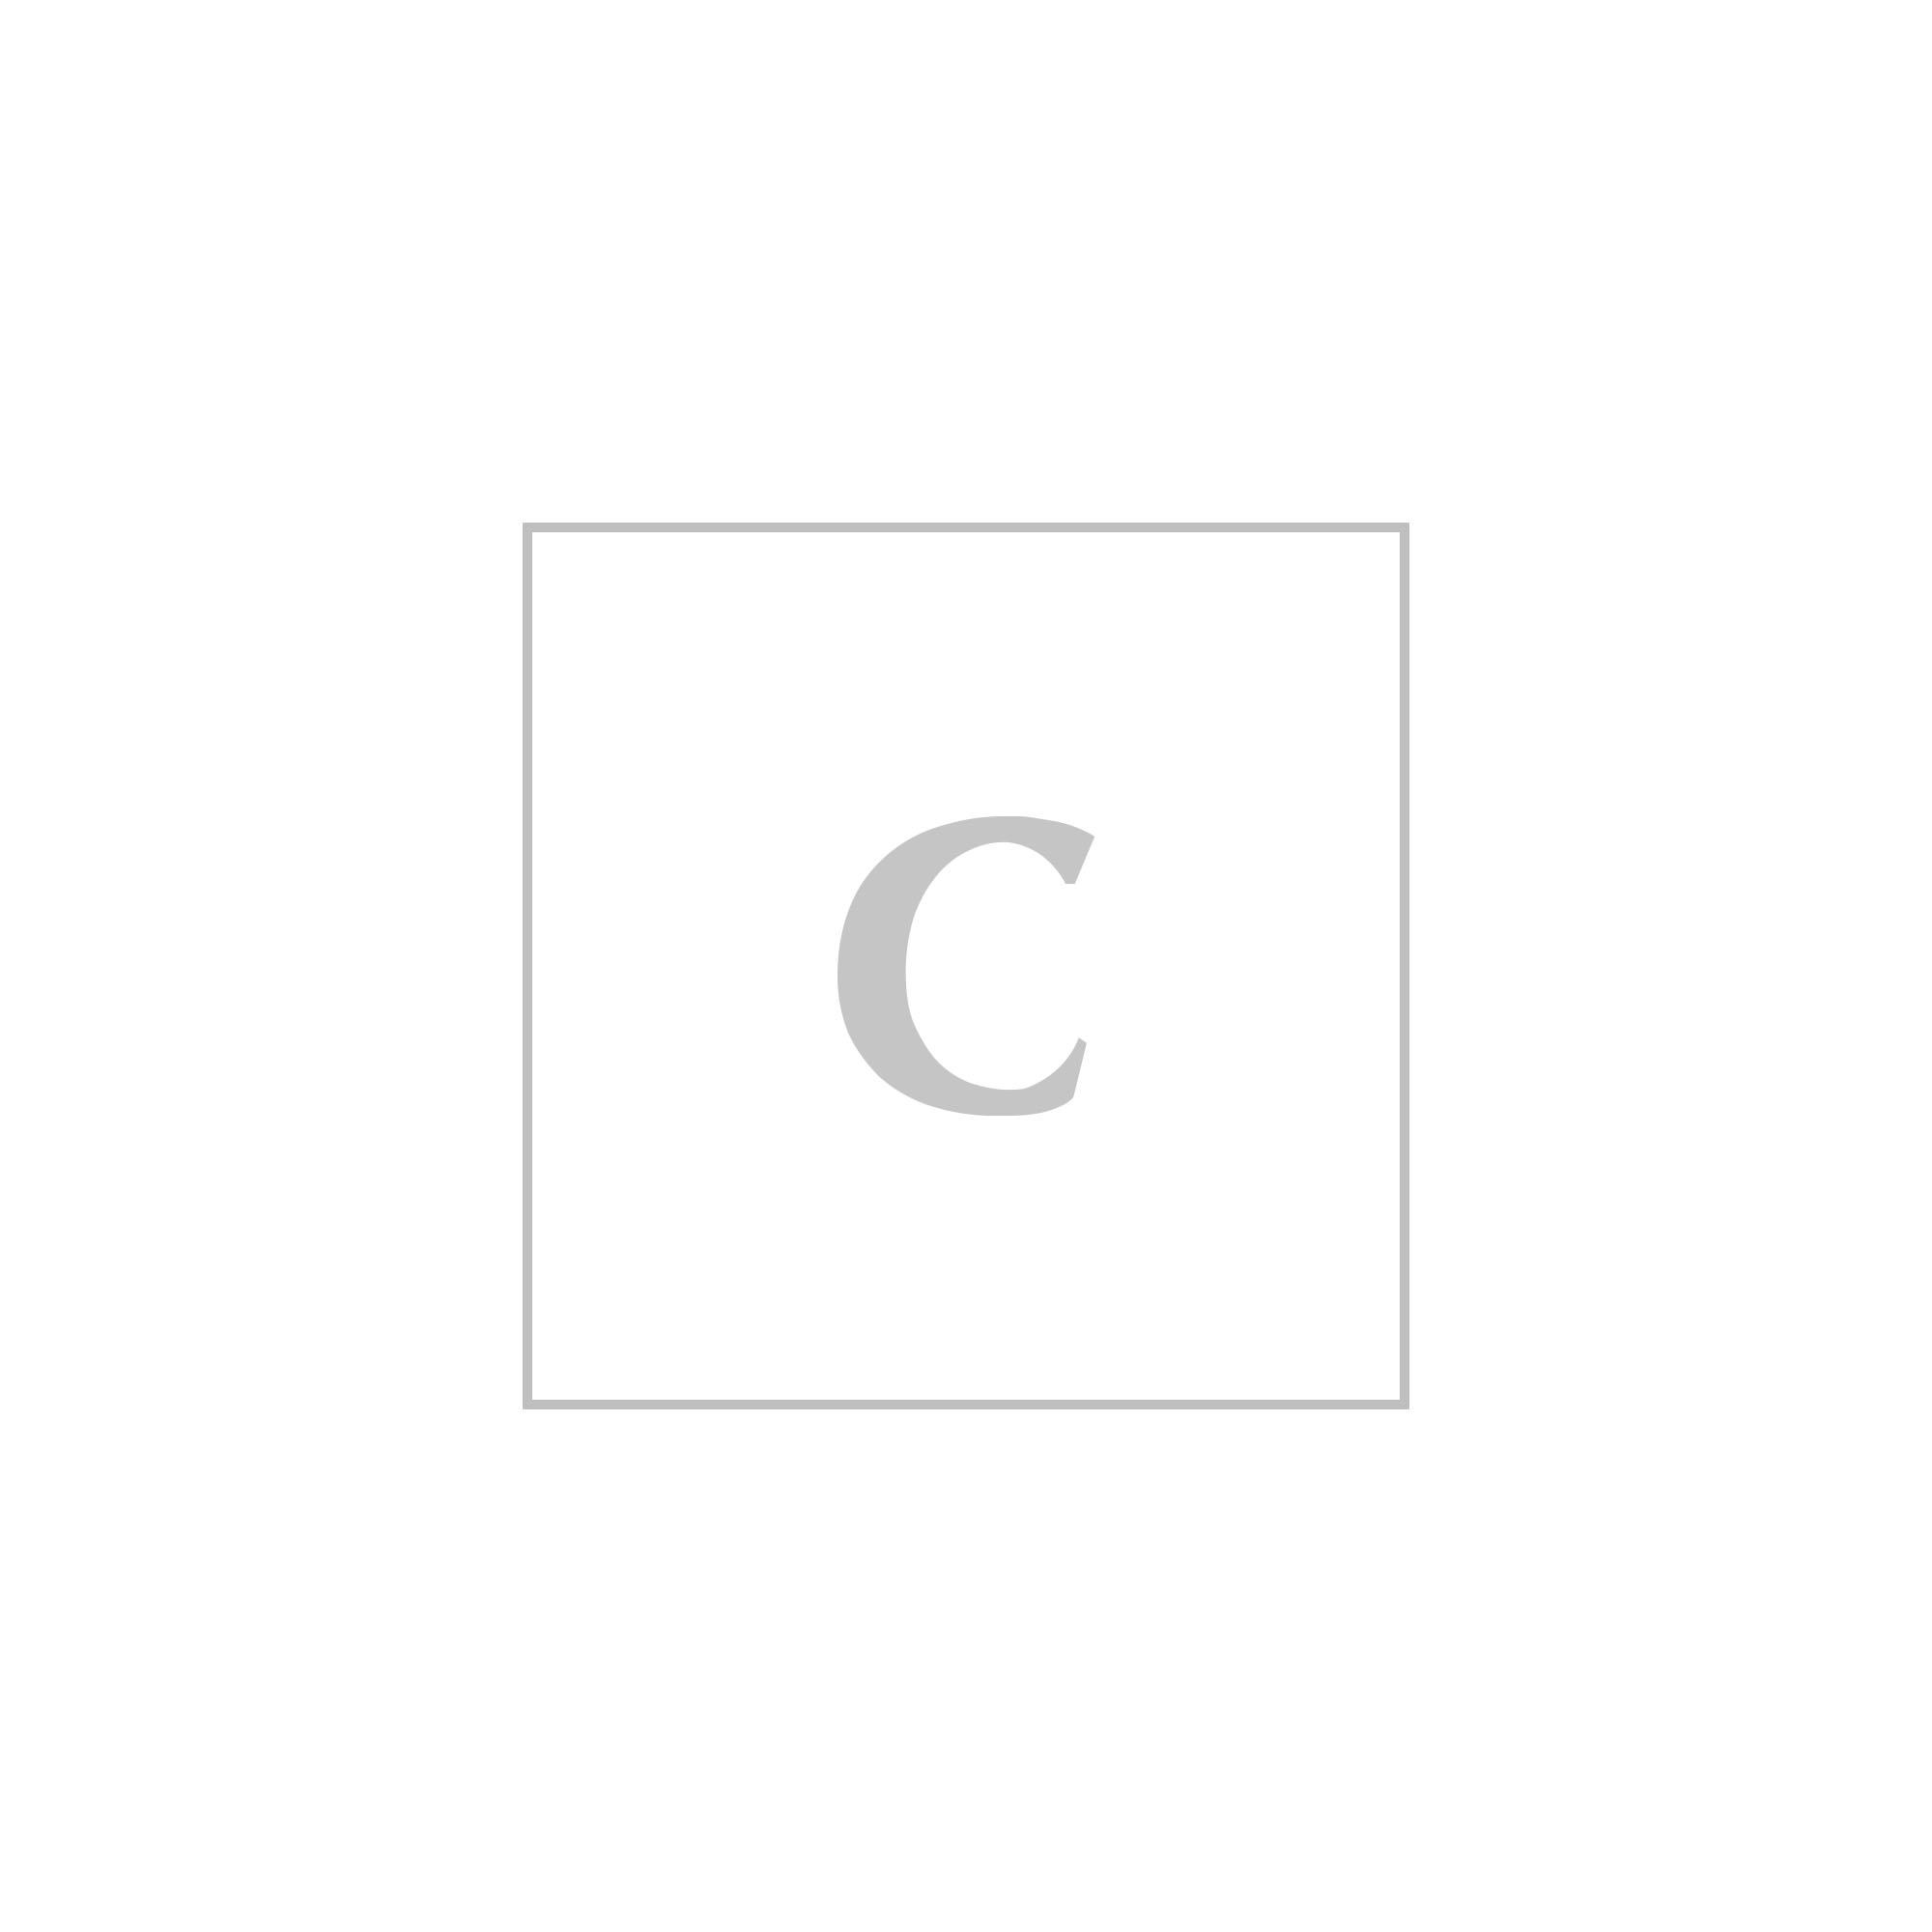 Dolce & gabbana slip-on lino stampato mondello